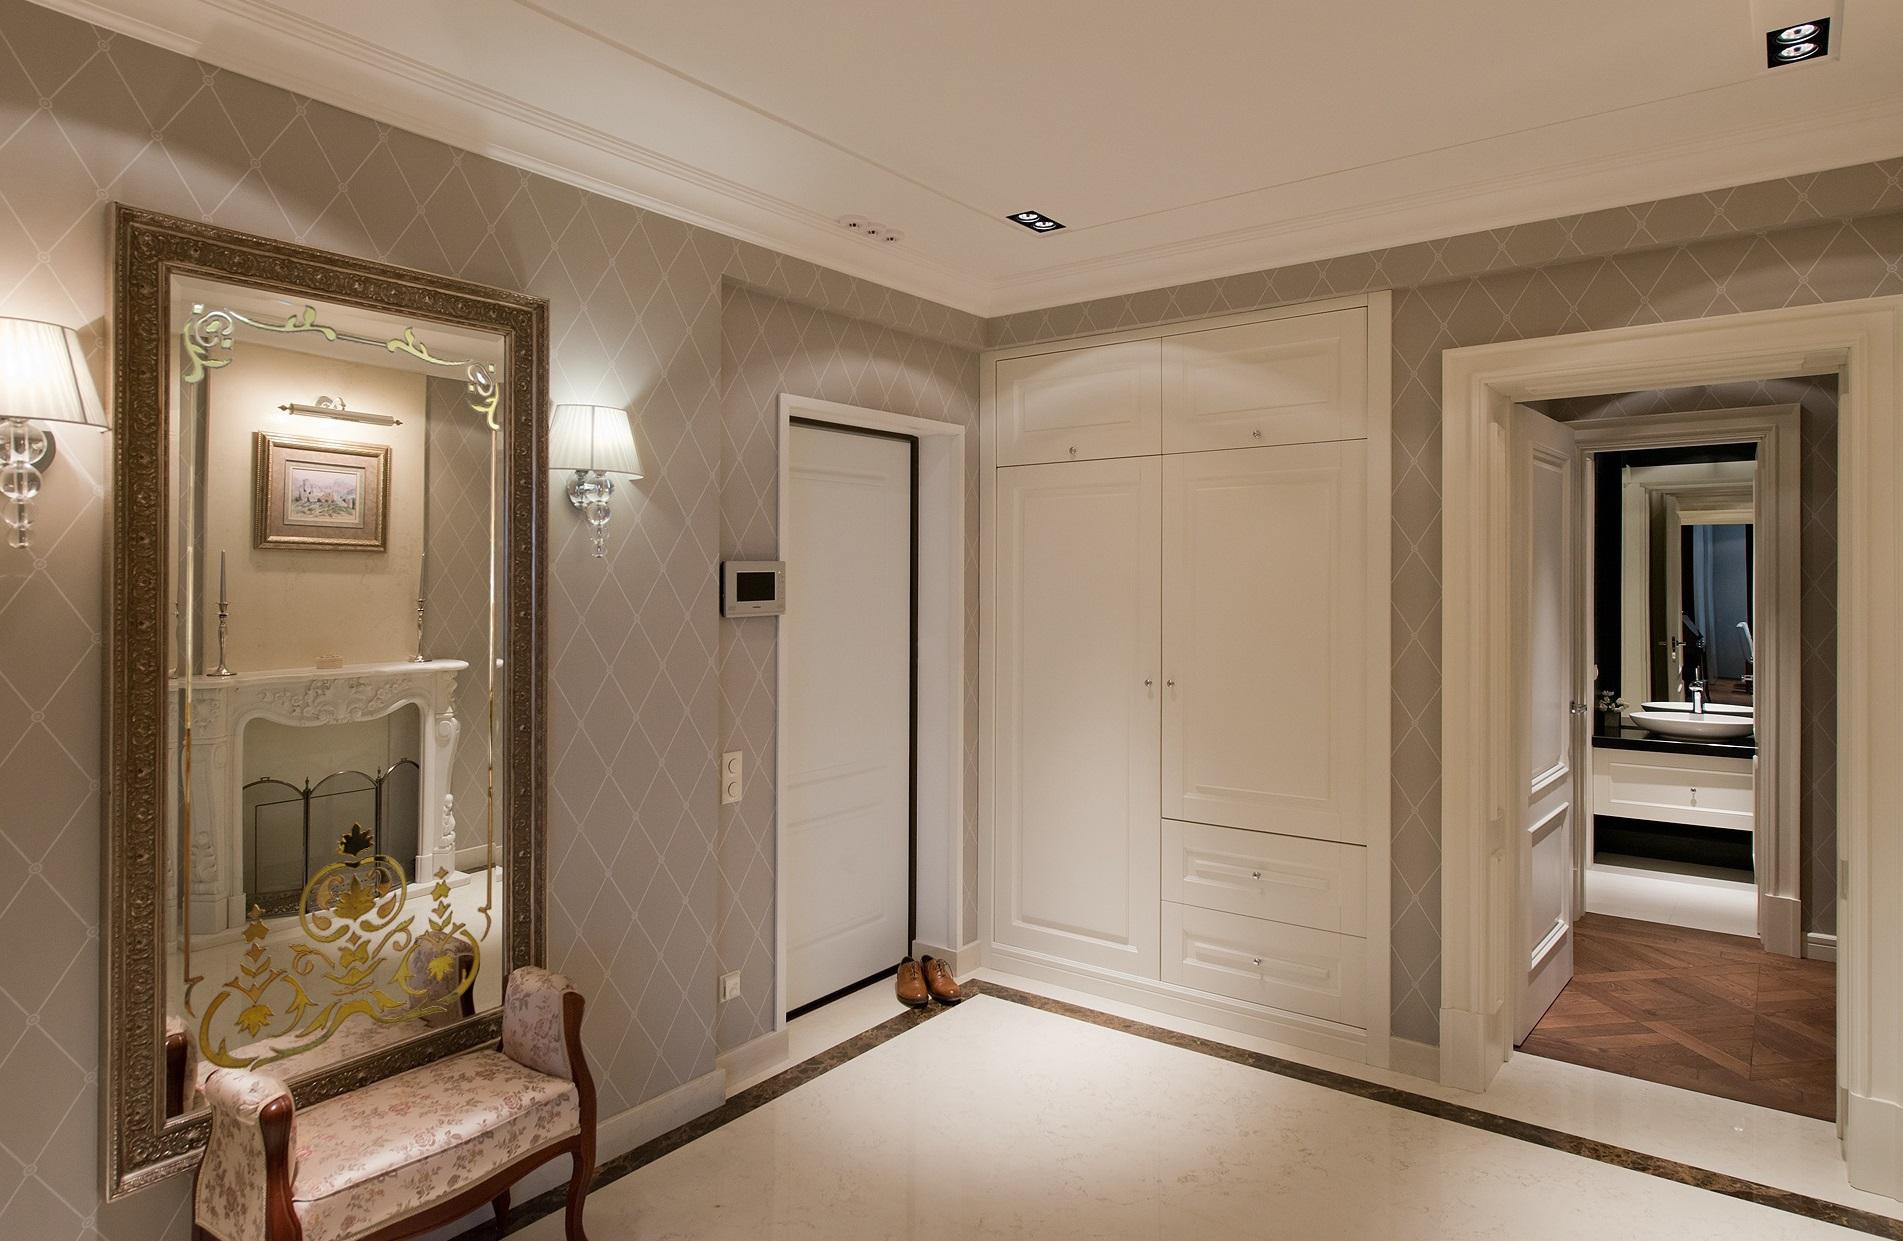 Modele Tencuiala Decorativa Interior.Tapet Sub Tencuiala 66 Fotografii Ceea Ce Inseamnă Idei In